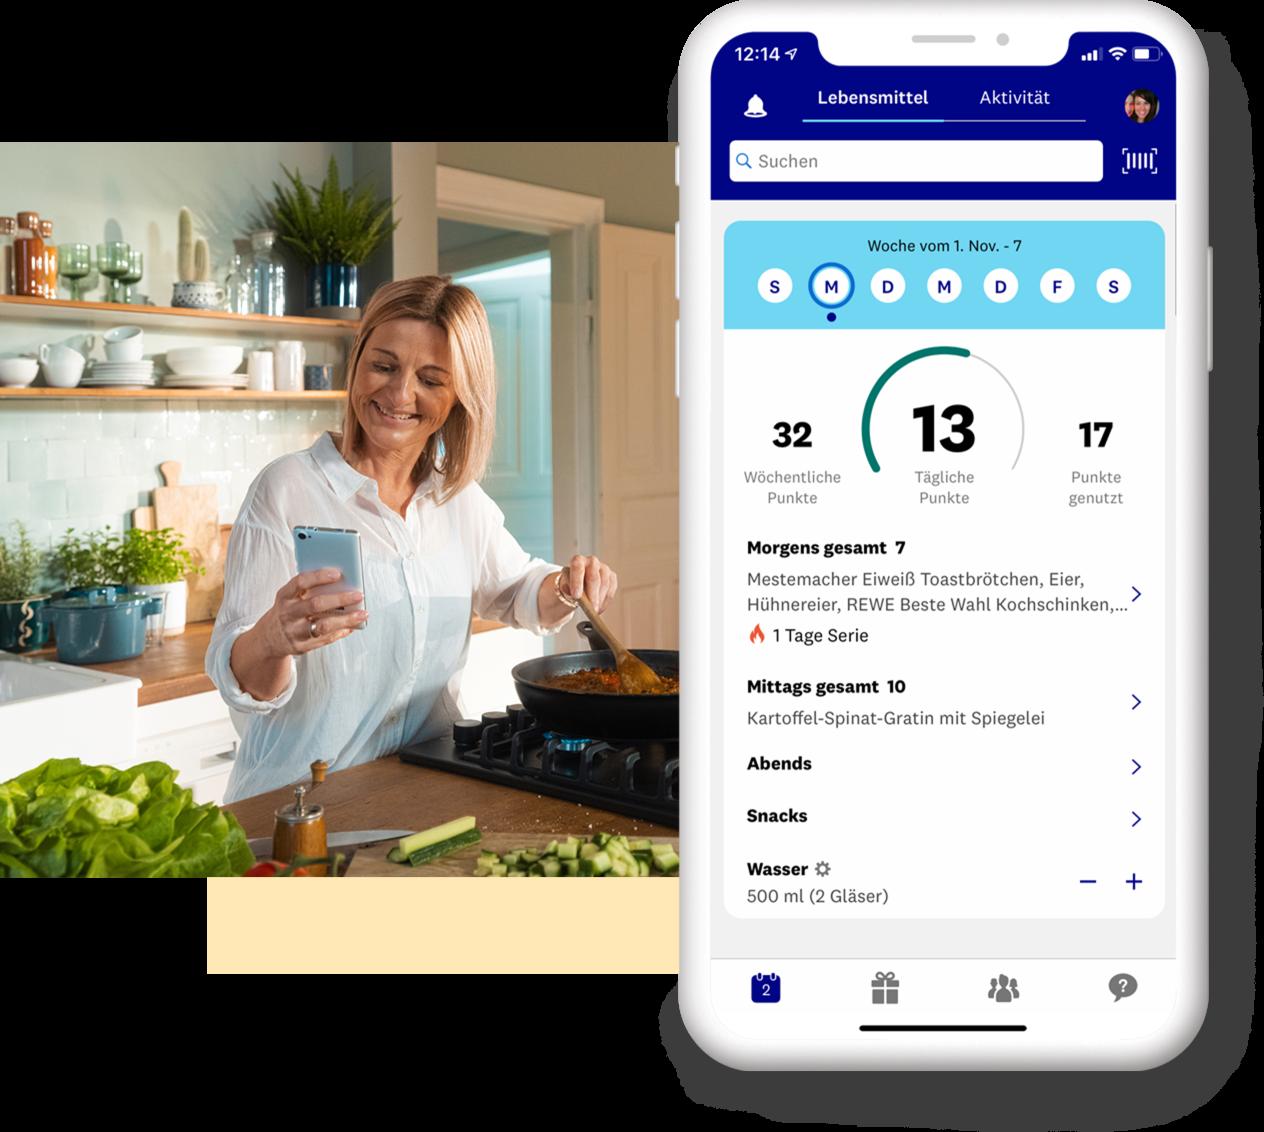 Blonde Frau kocht und schaut auf ihr Smartphone plus Vorschau der App